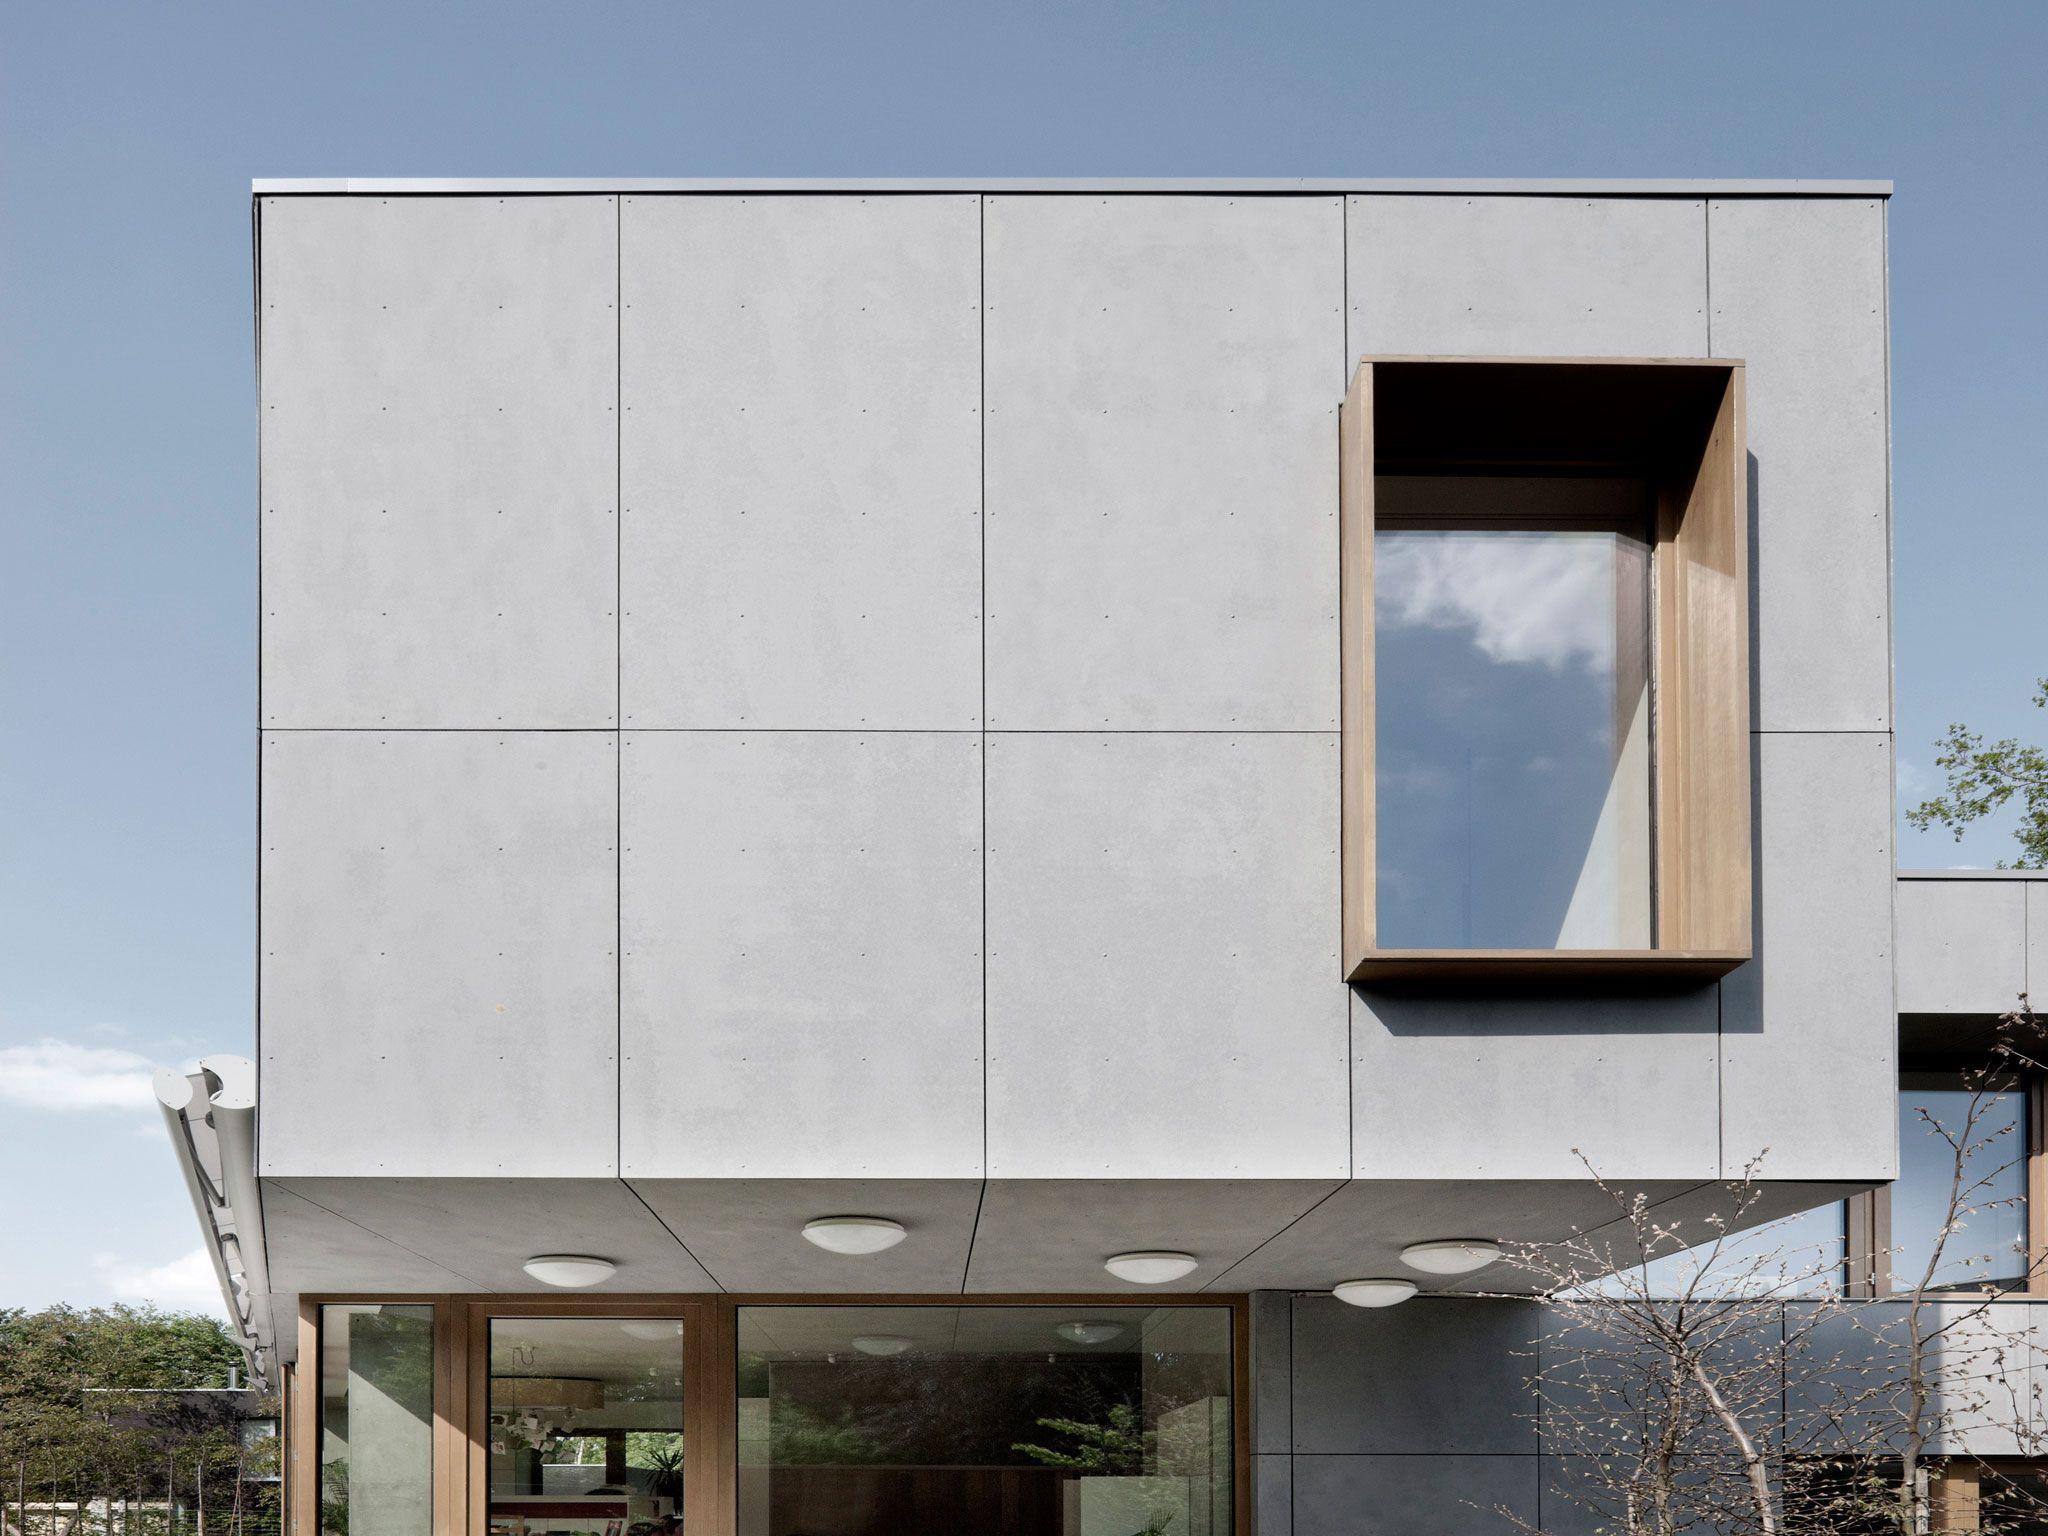 equitone facade panels equitone facade panels belgium blanden passive house. Black Bedroom Furniture Sets. Home Design Ideas